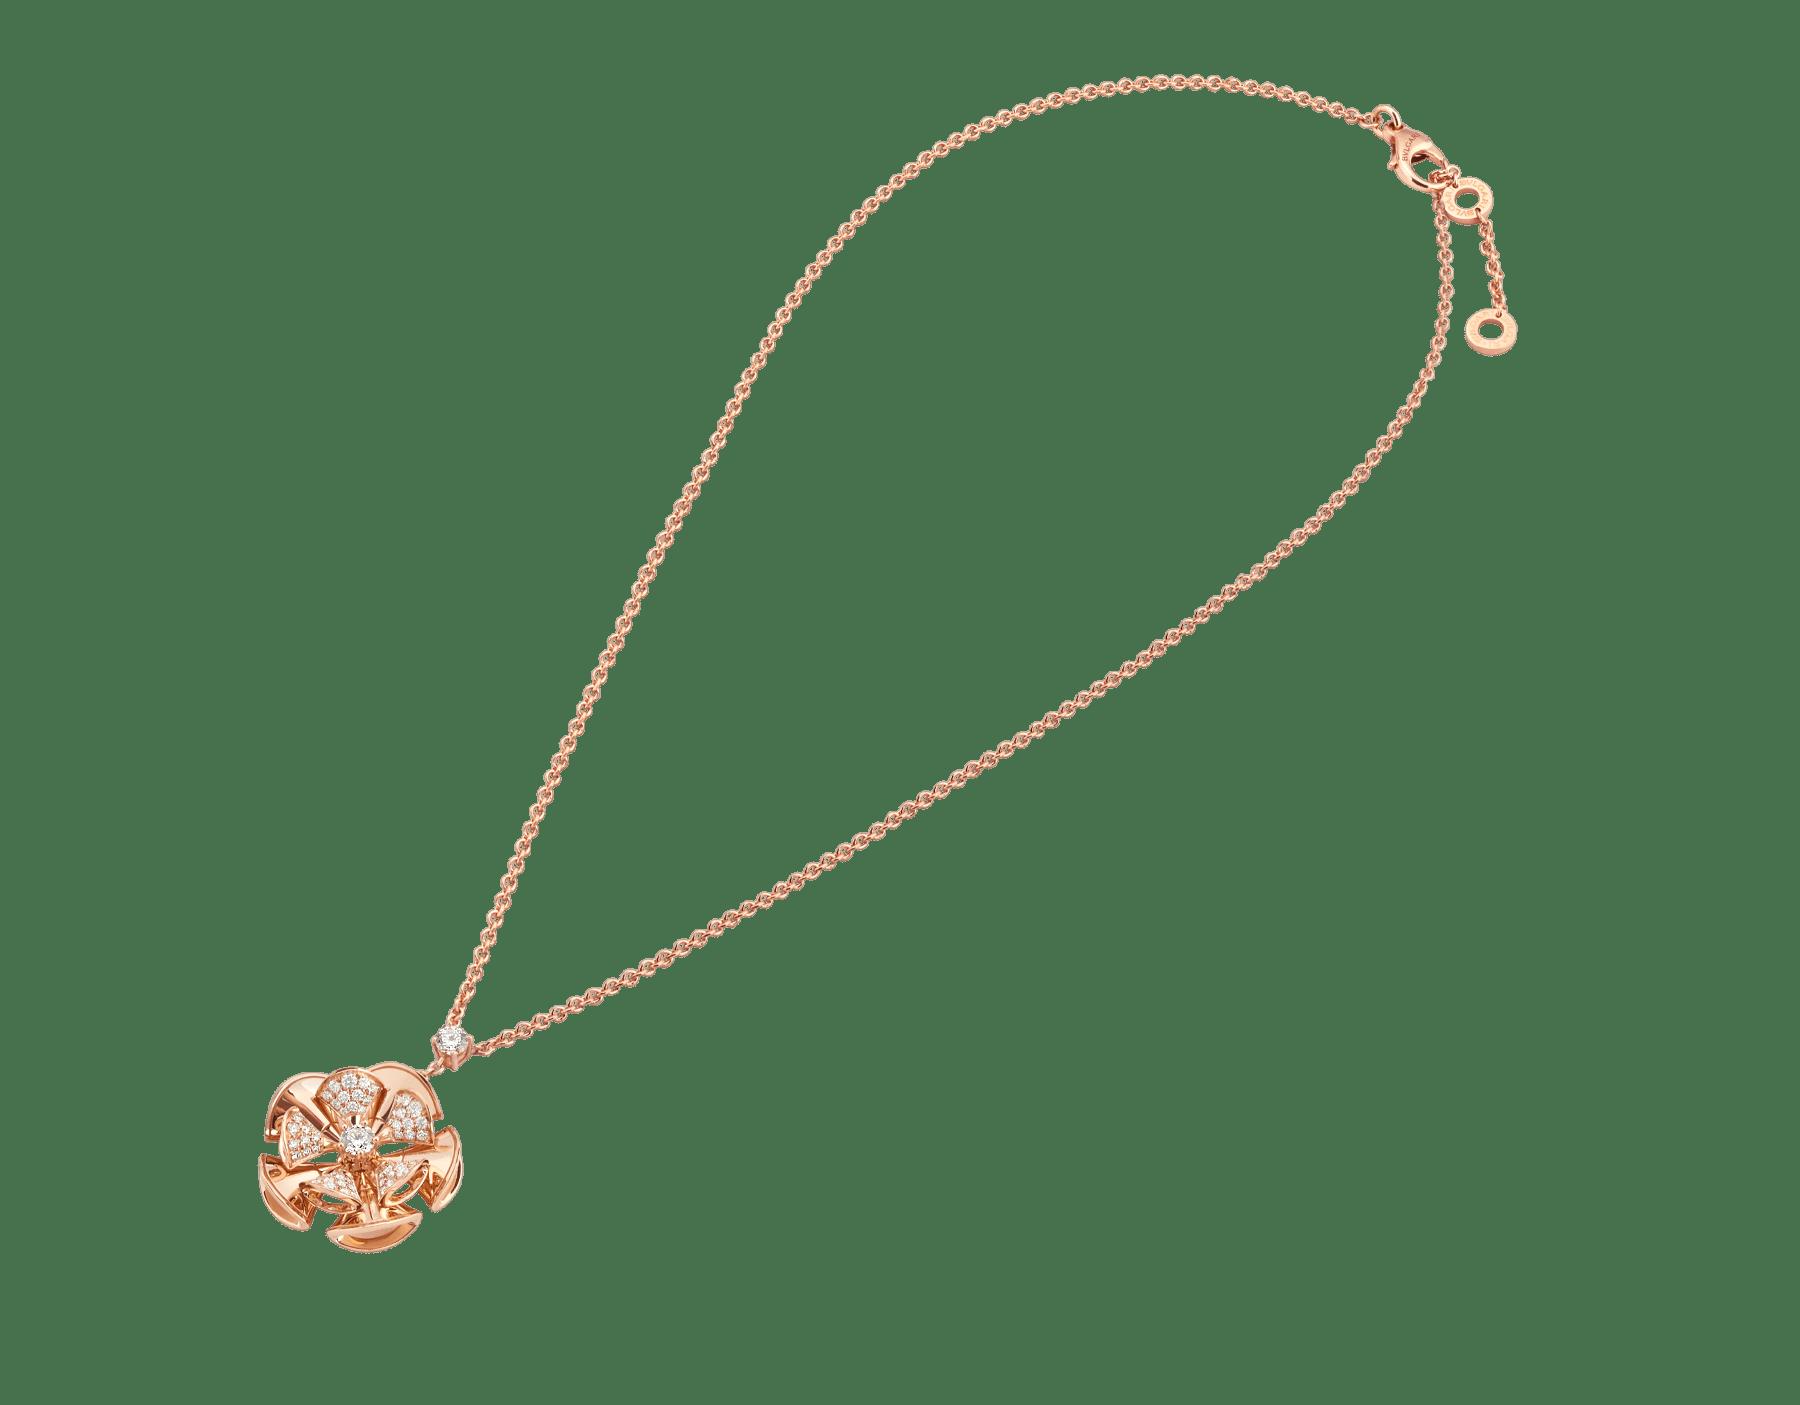 Resplandecendo com a elegância floral de pétalas de ouro rosa e diamantes cravejados, o colar DIVAS' DREAM reina supremo no jardim do glamour. 350783 image 2